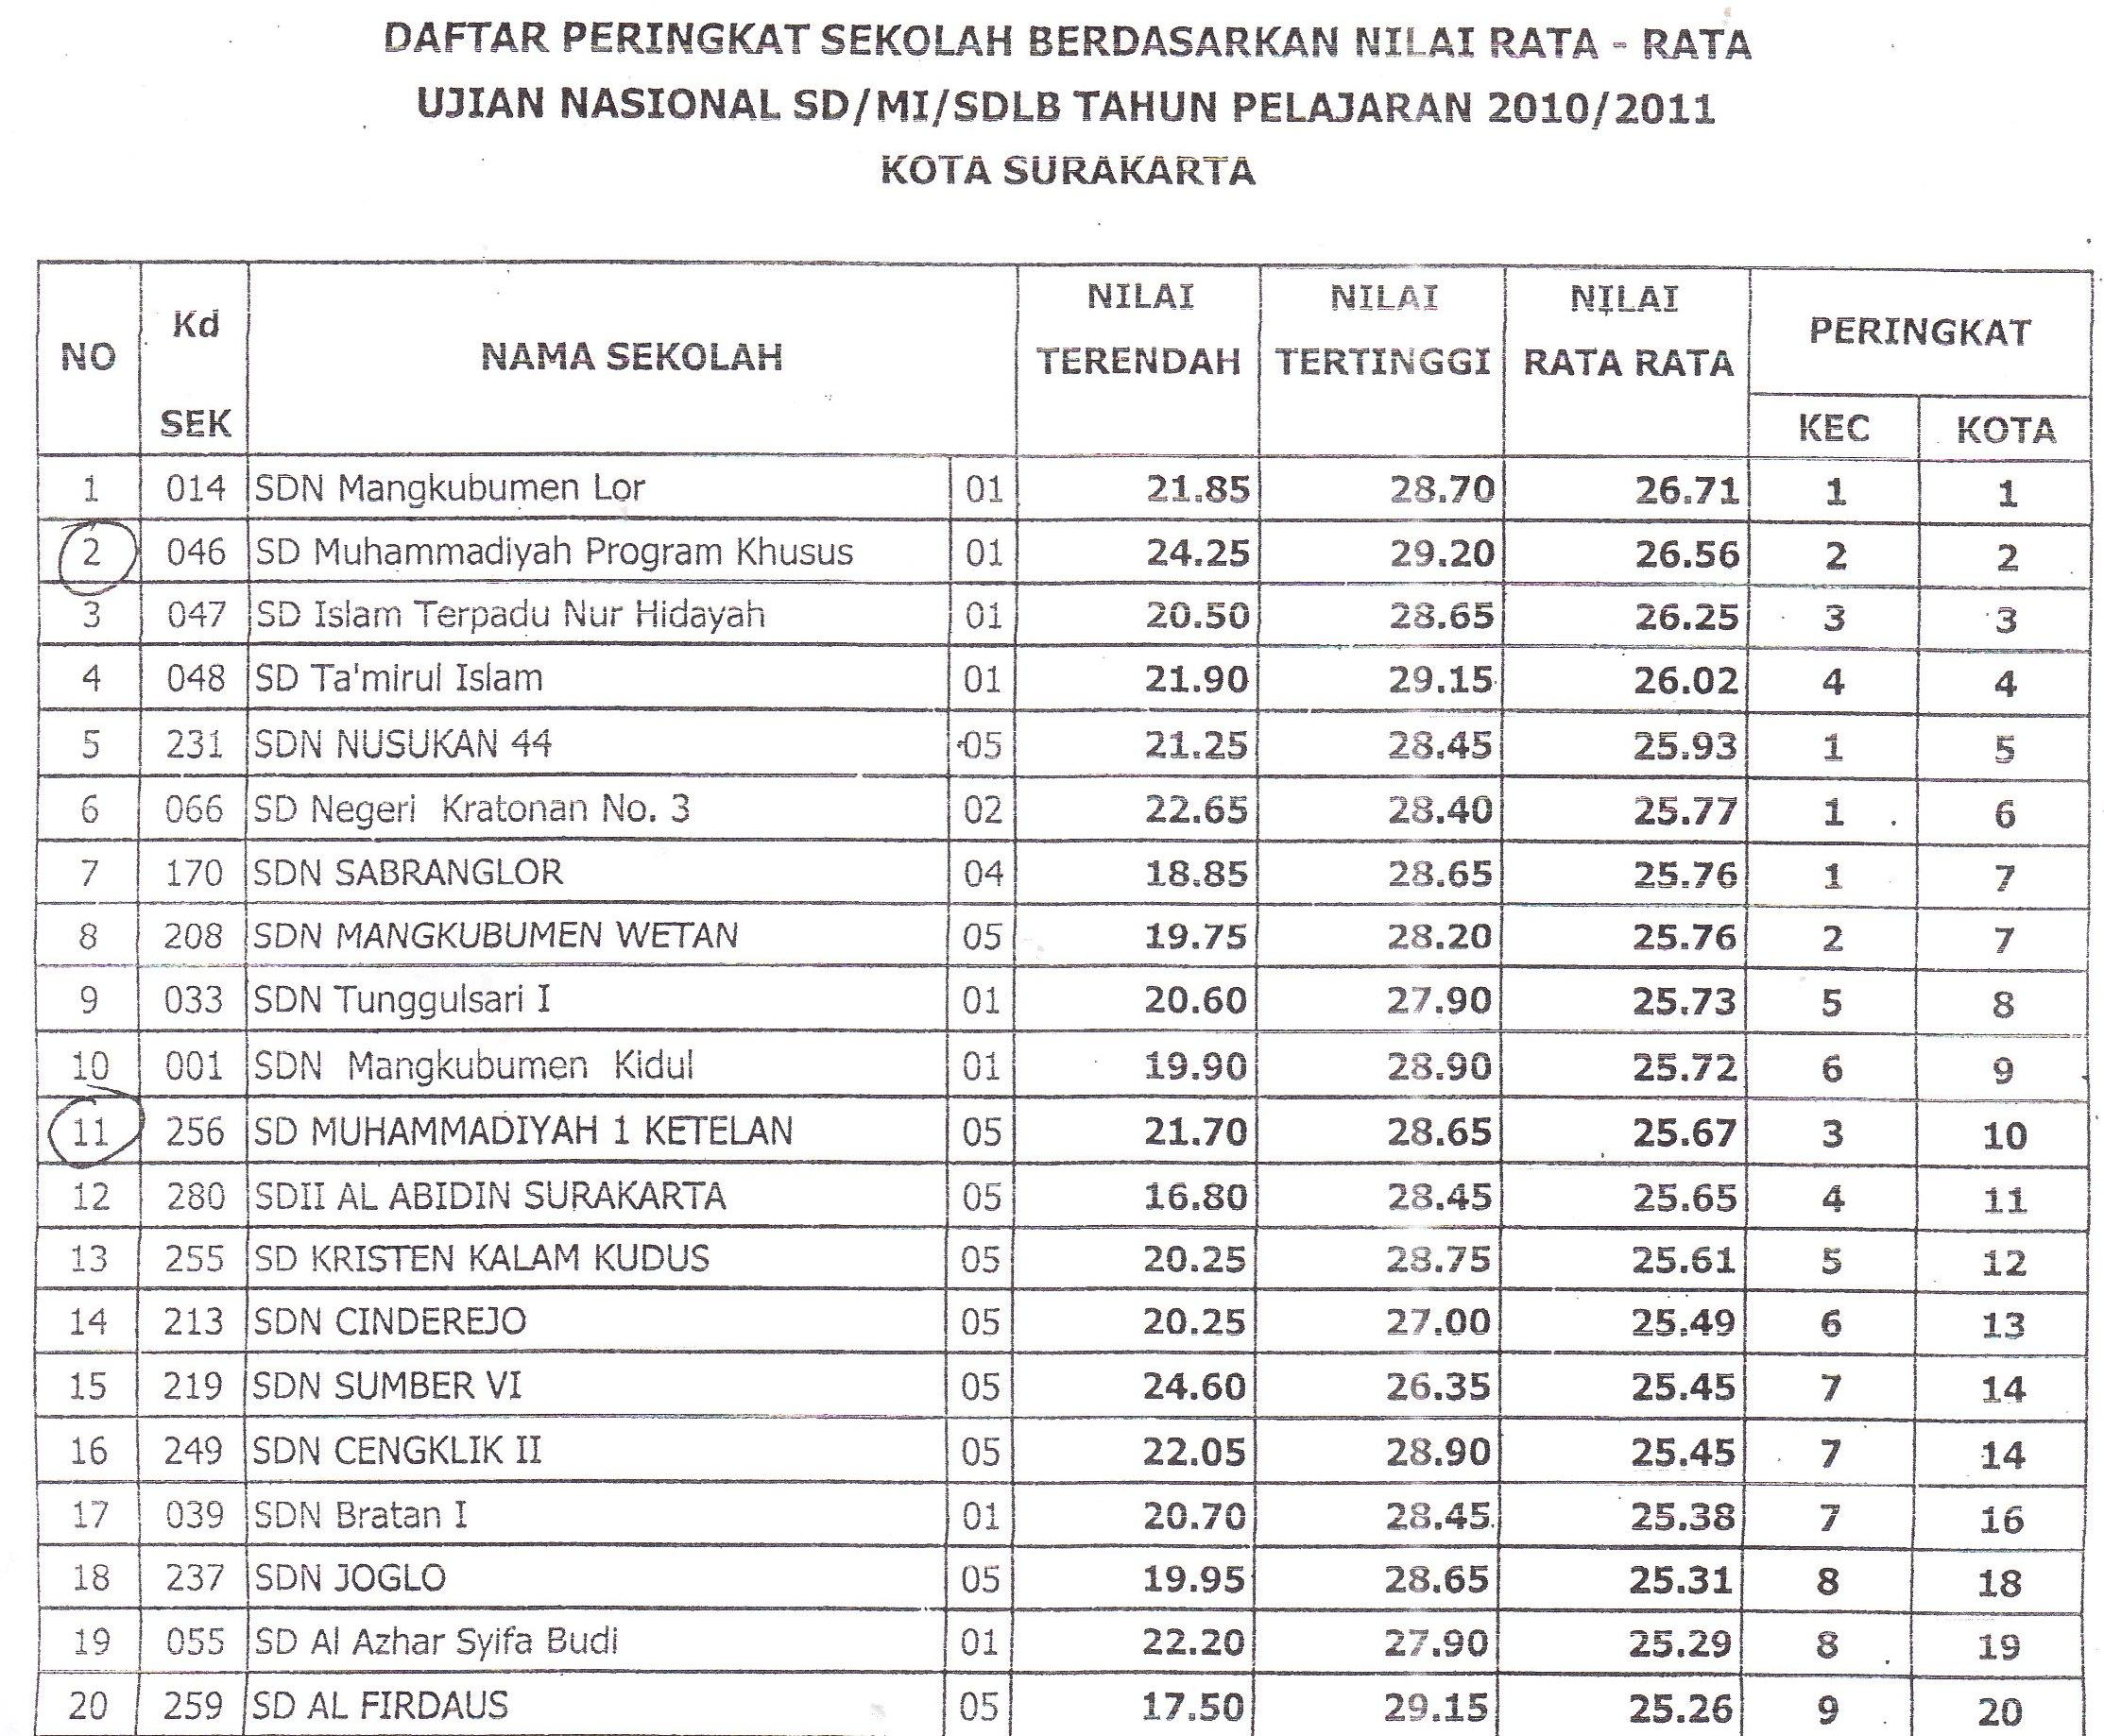 Lowongan Cpns 2013 Tulungagung Info Lowongan Cpns 2016 Terbaru Honorer K2 Terbaru Agustus Diunduh Disini Daftar Peringkat Nilai Ujian Nasional Kota Surakarta